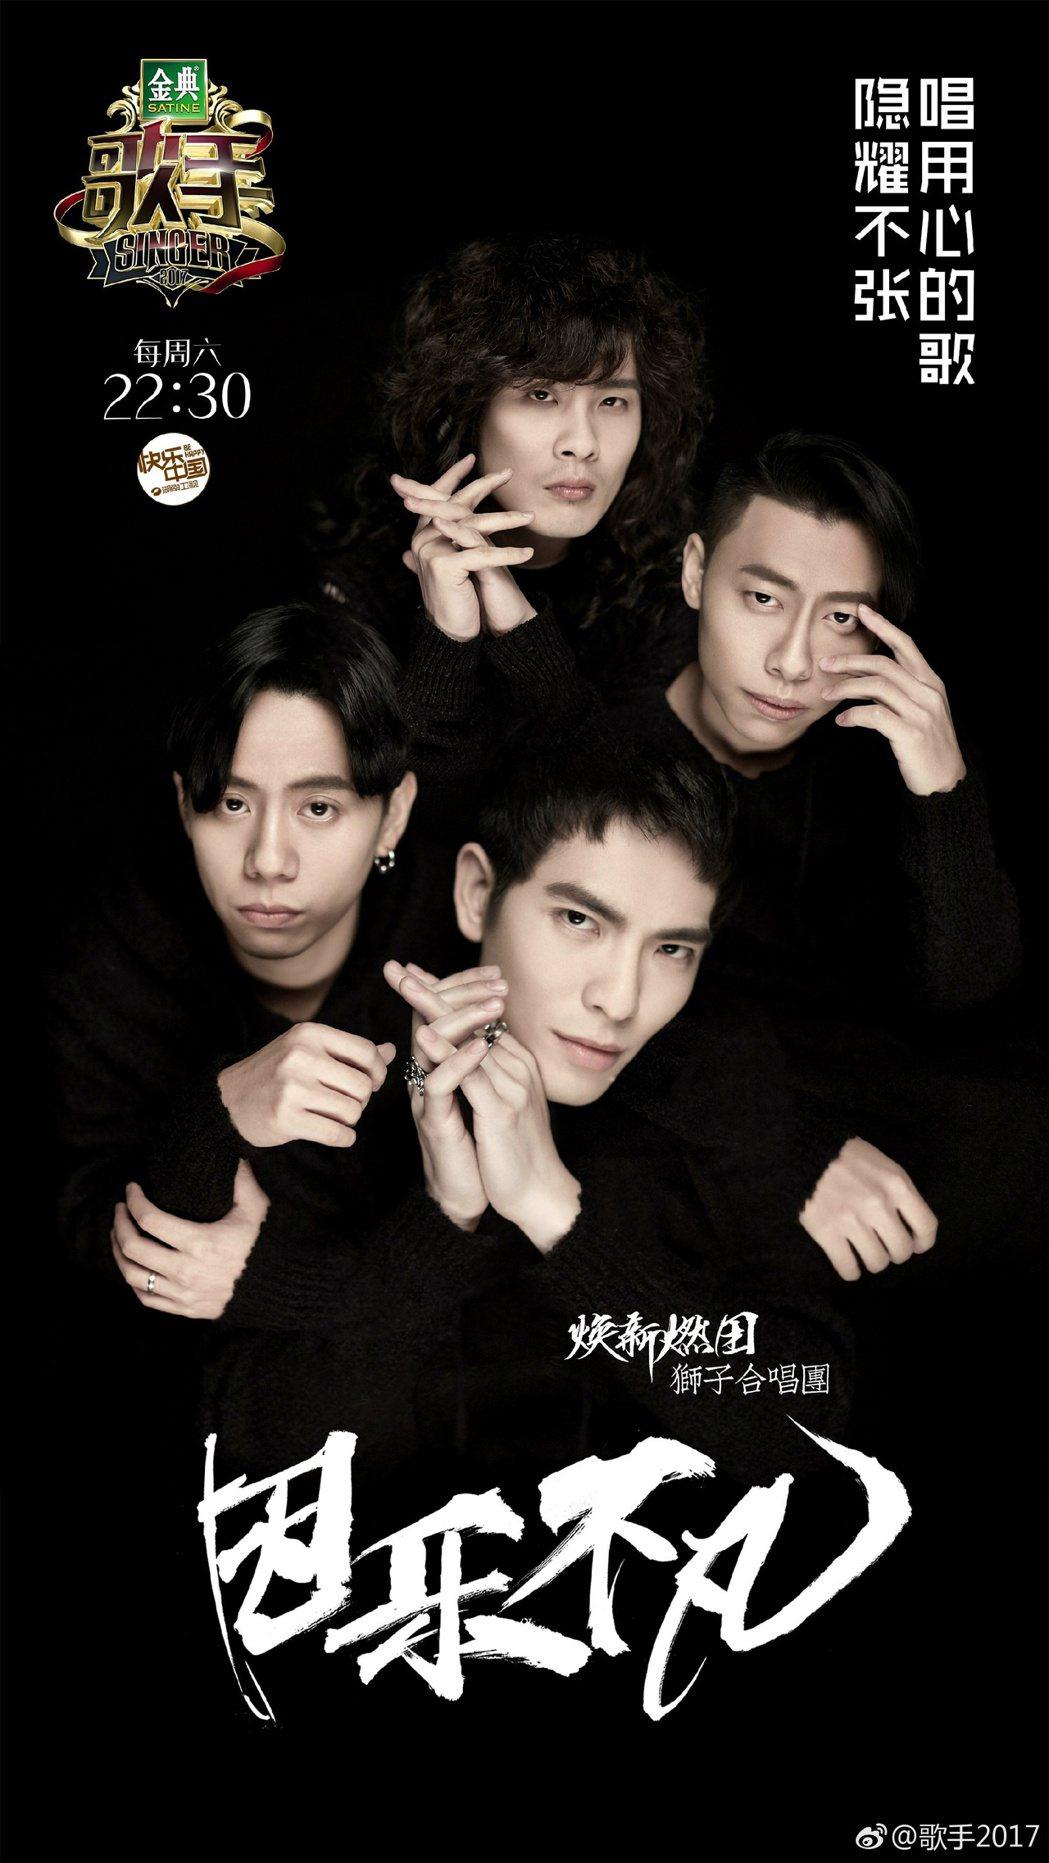 蕭敬騰領軍獅子合唱團參加湖南衛視音樂競賽節目「歌手2017」。 圖/擷自微博